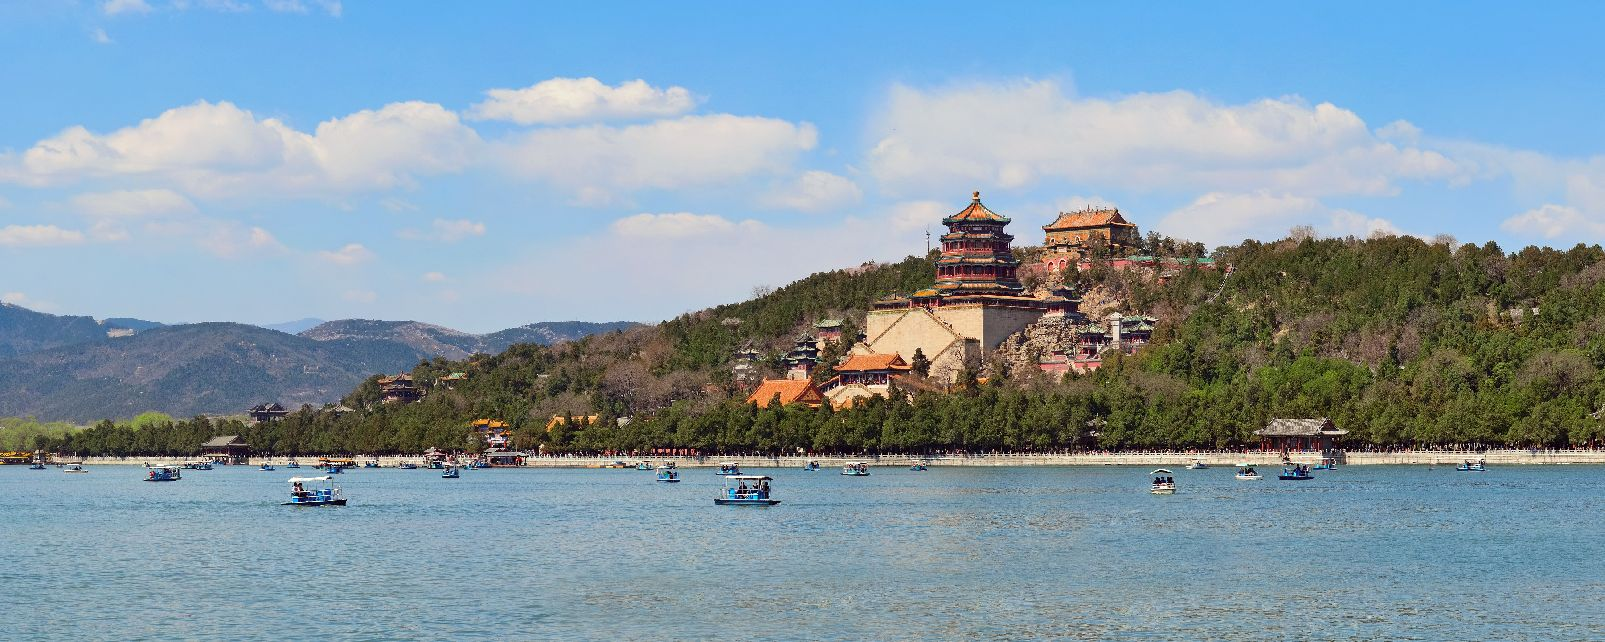 El Palacio de Verano , China